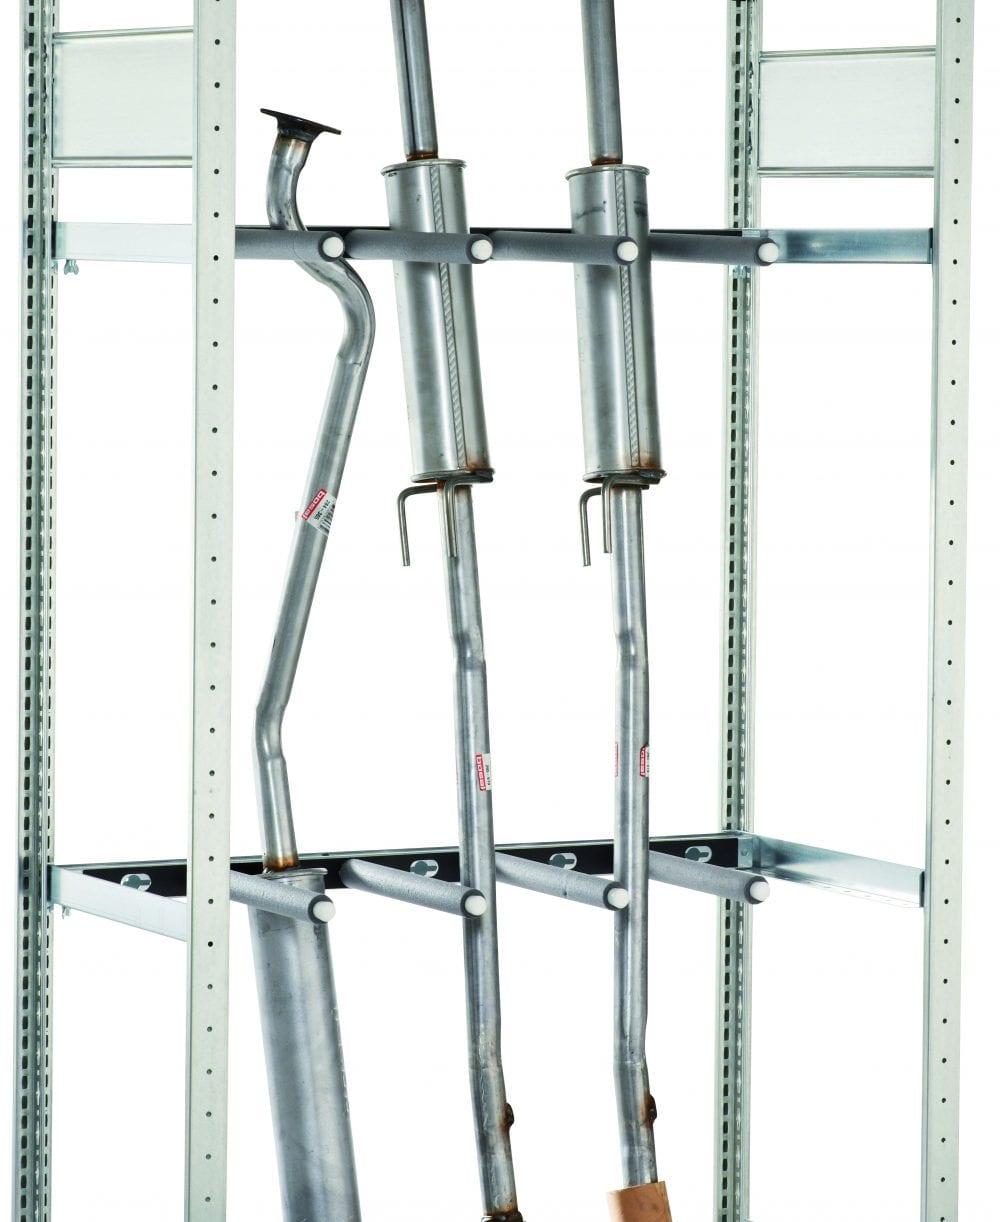 Universalsatz 1000×600 mm, für – hängende oder stehende Lagerung